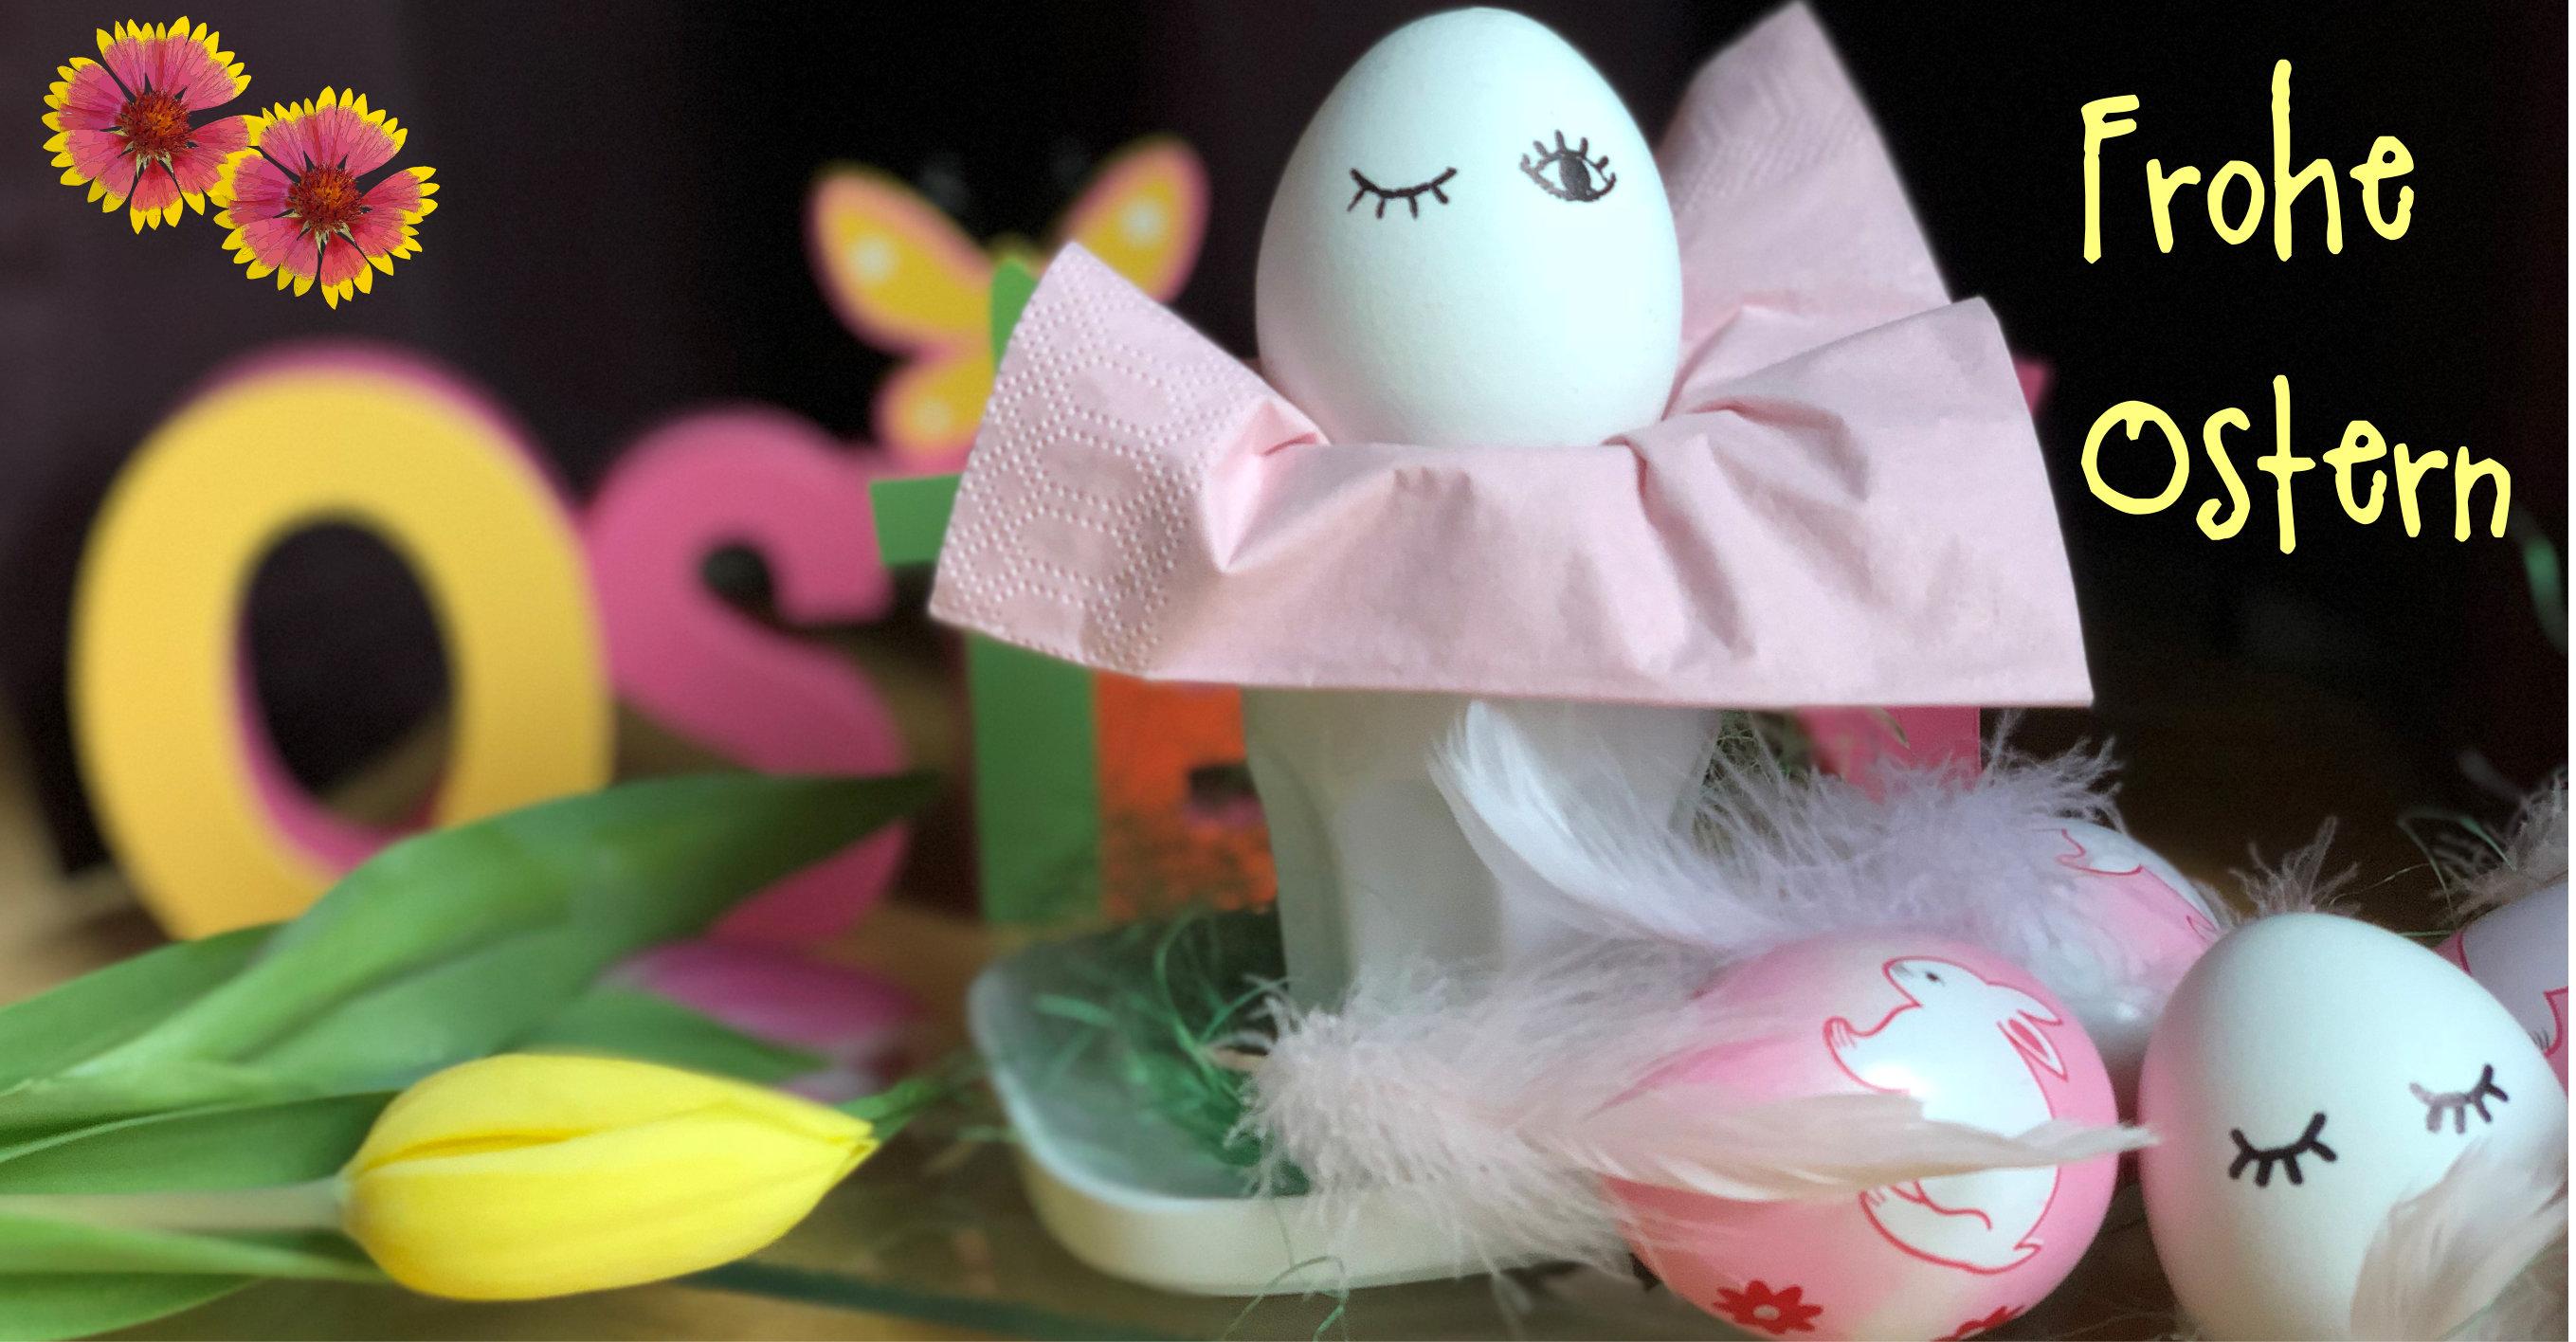 Ach du dickes Ei